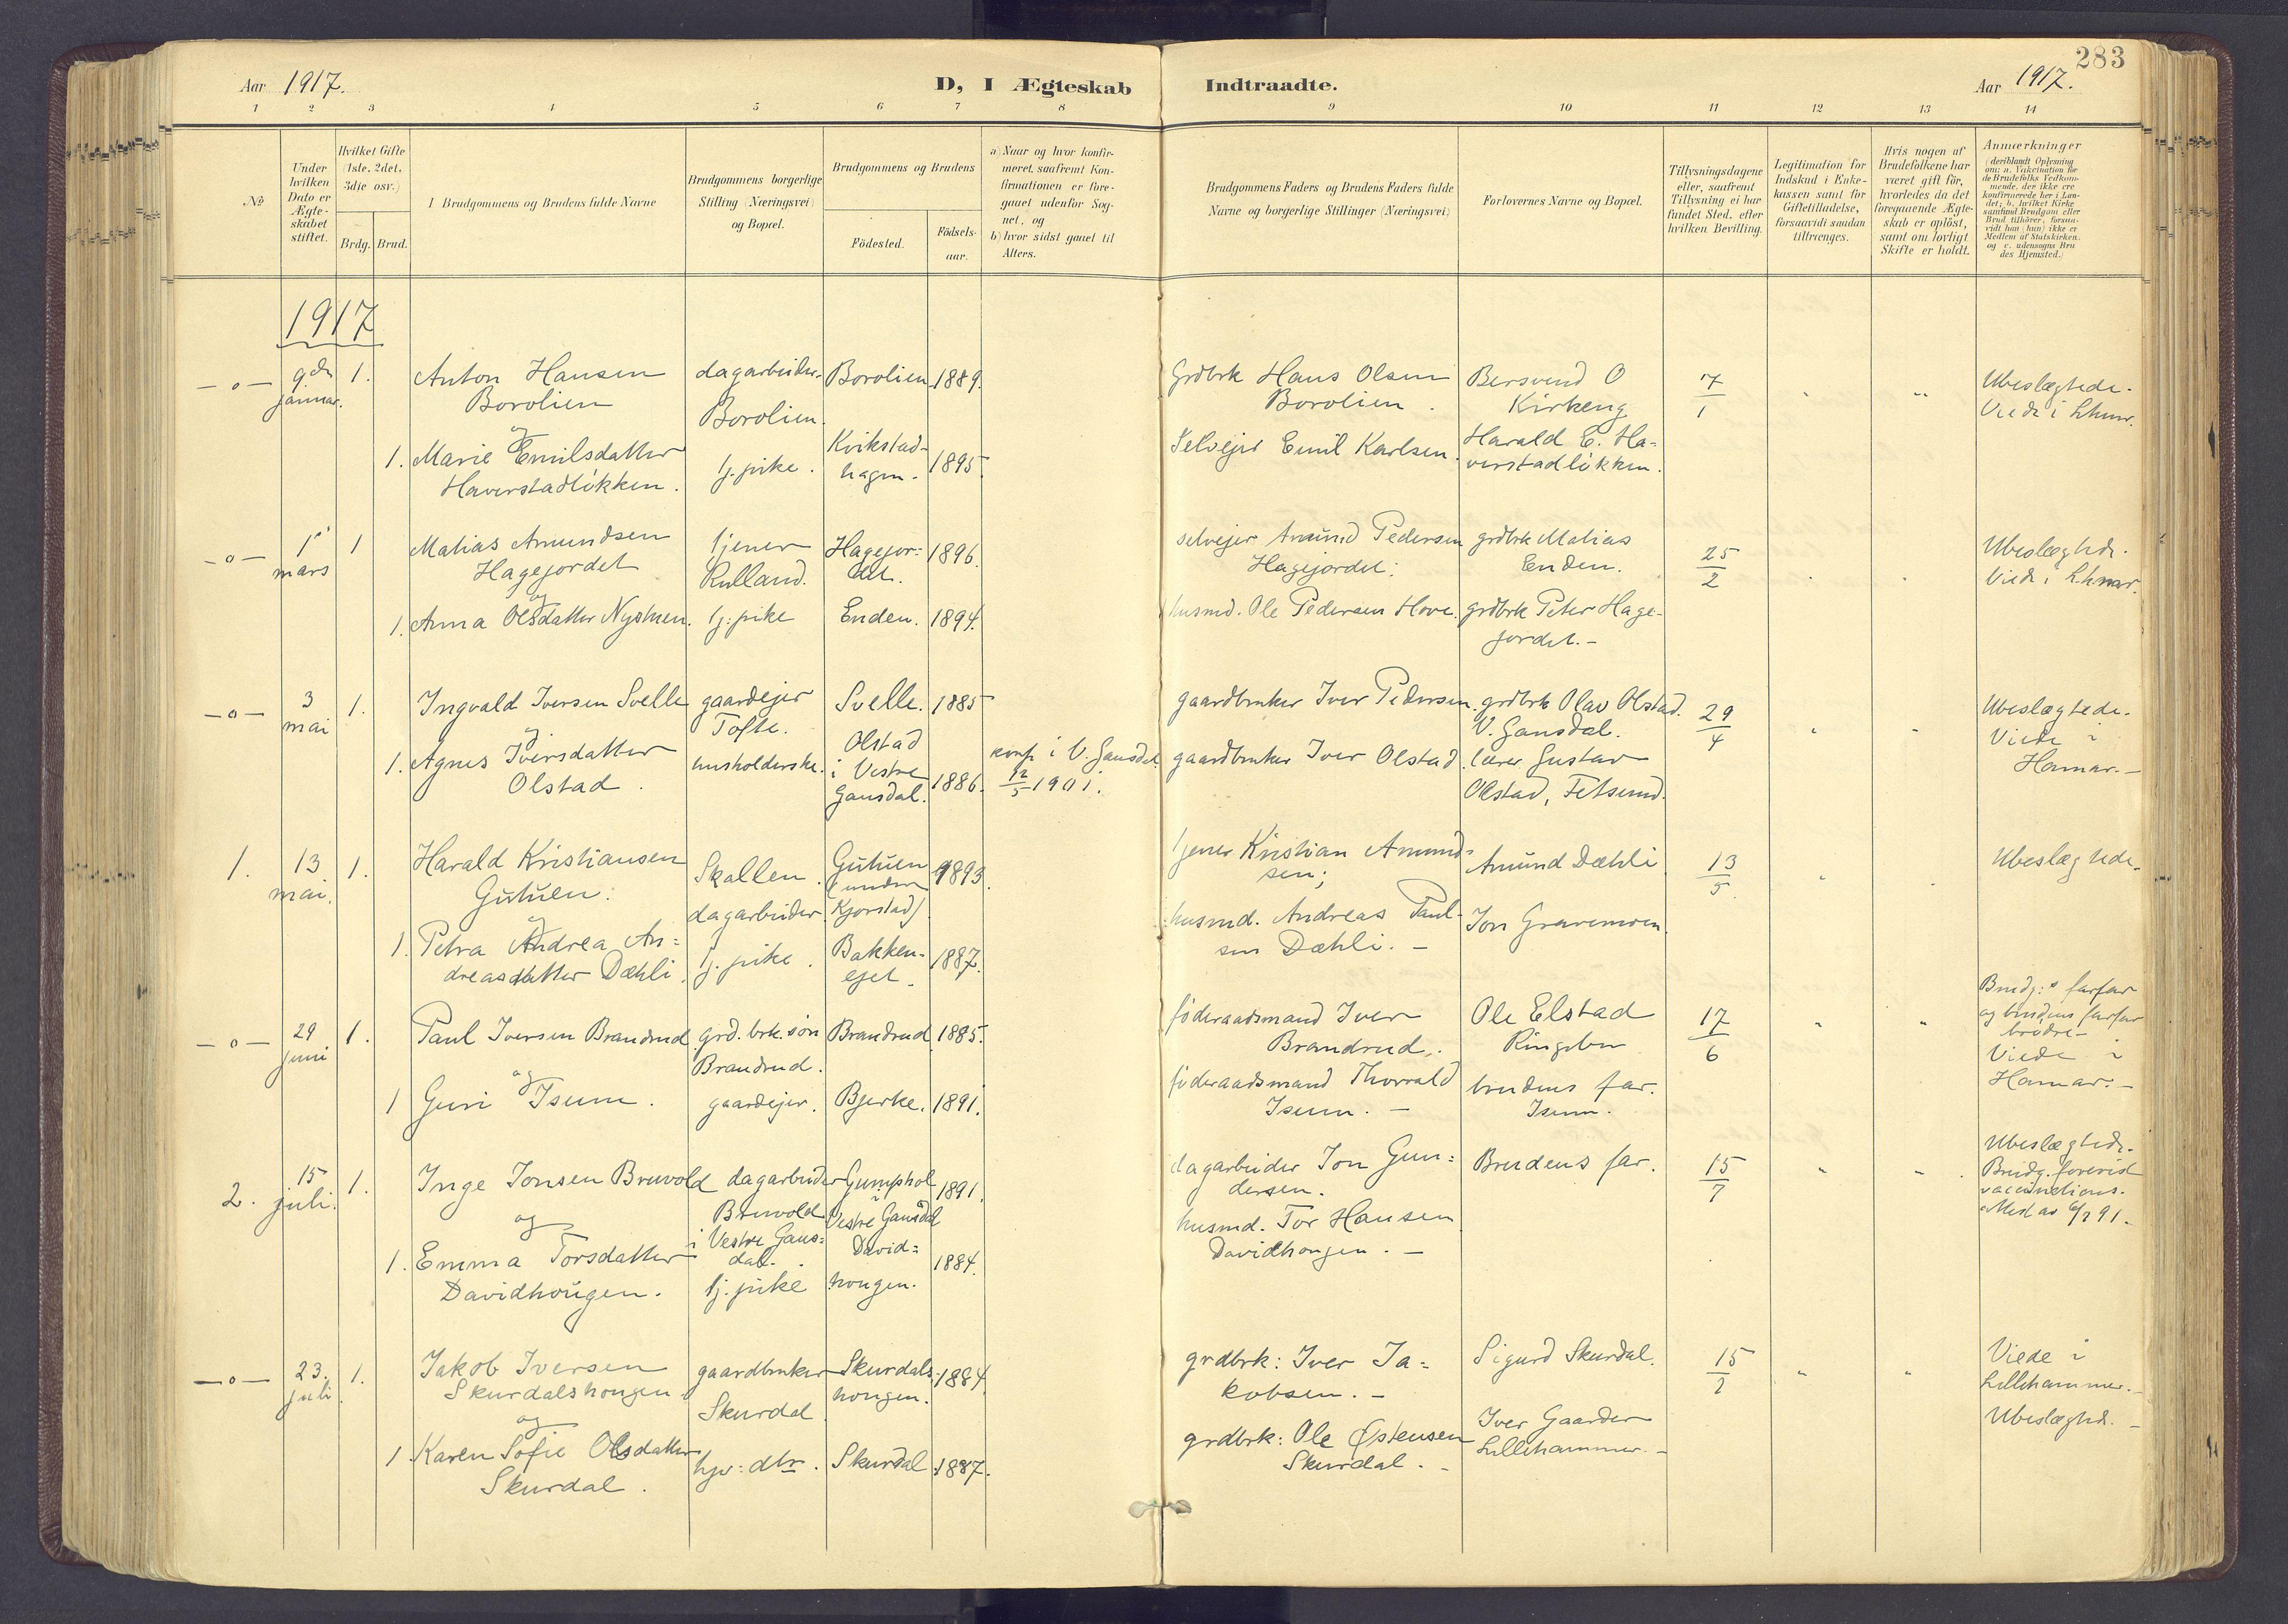 SAH, Sør-Fron prestekontor, H/Ha/Haa/L0004: Parish register (official) no. 4, 1898-1919, p. 283